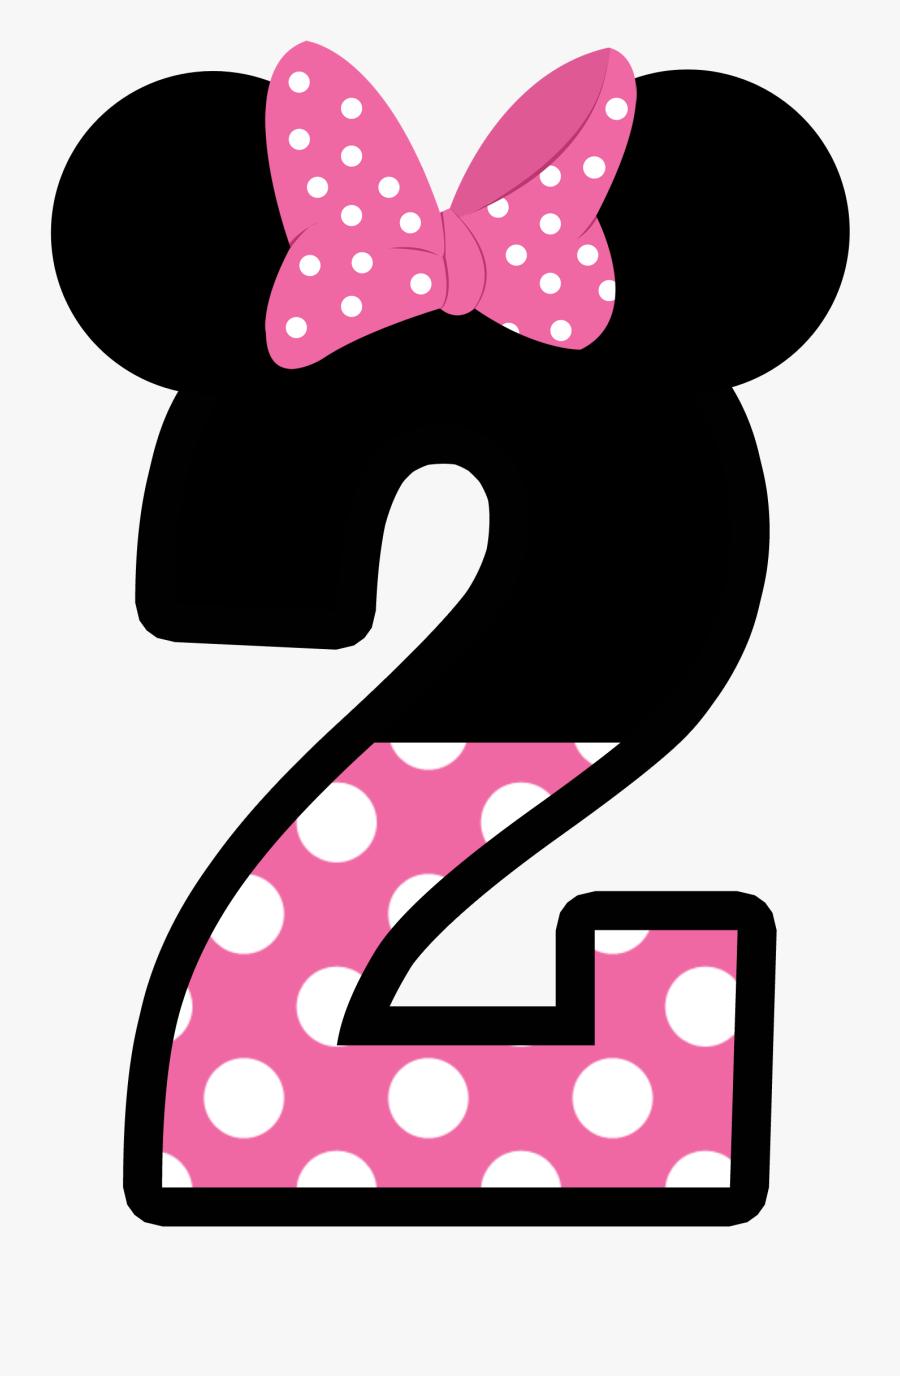 Minnie Mouse No 2, Transparent Clipart